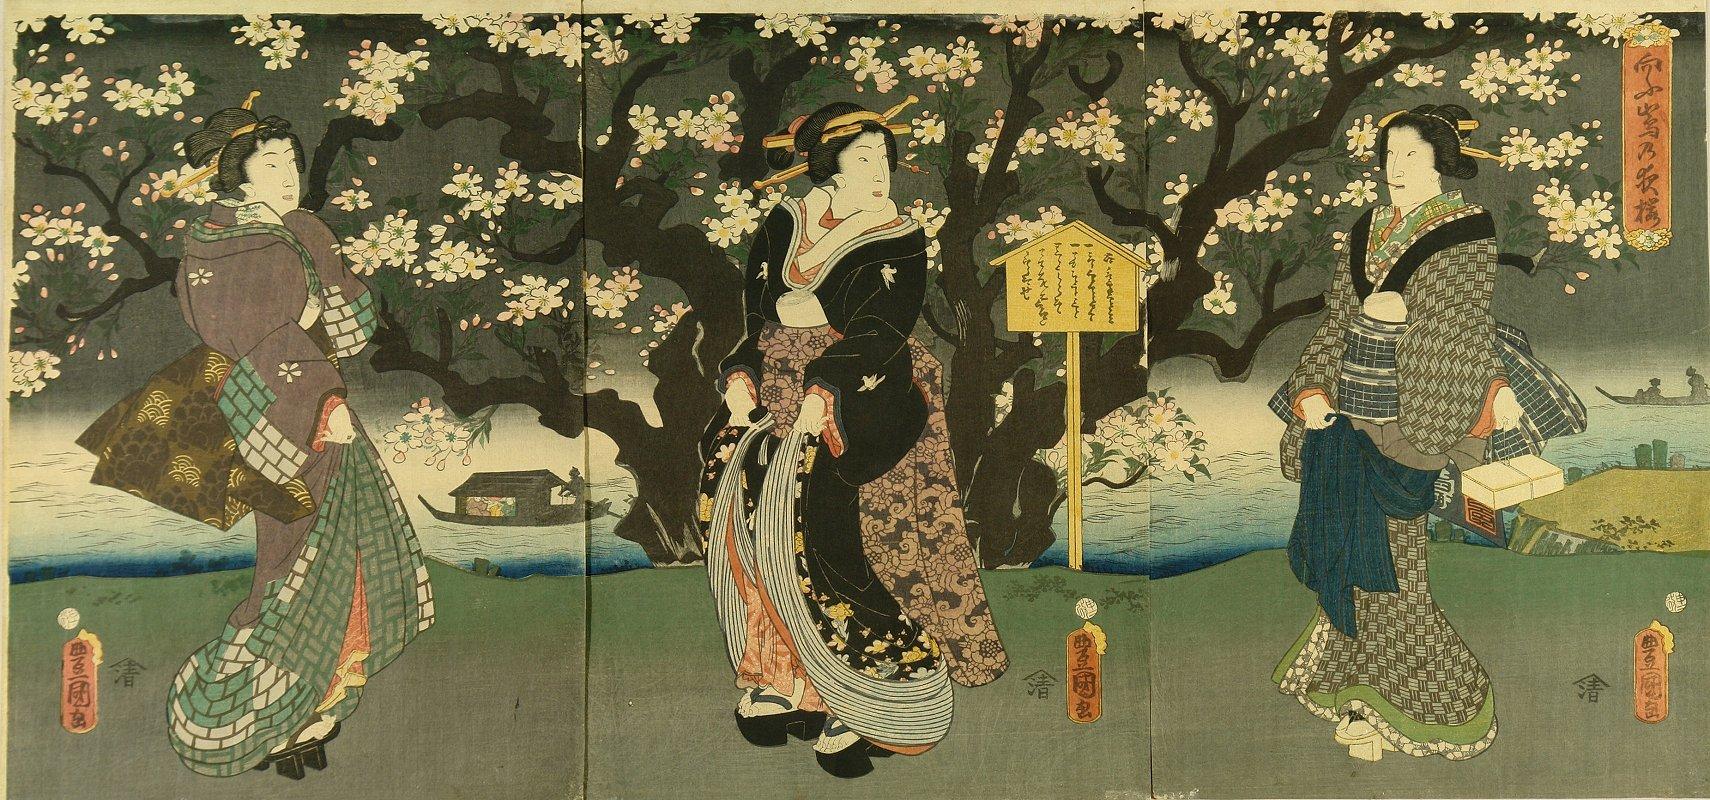 TOYOKUNI III Beauties before cherry blossoms, titled <i>Mukojima no yozakura</i> (Cherry blossom at night at Mukojima), triptych